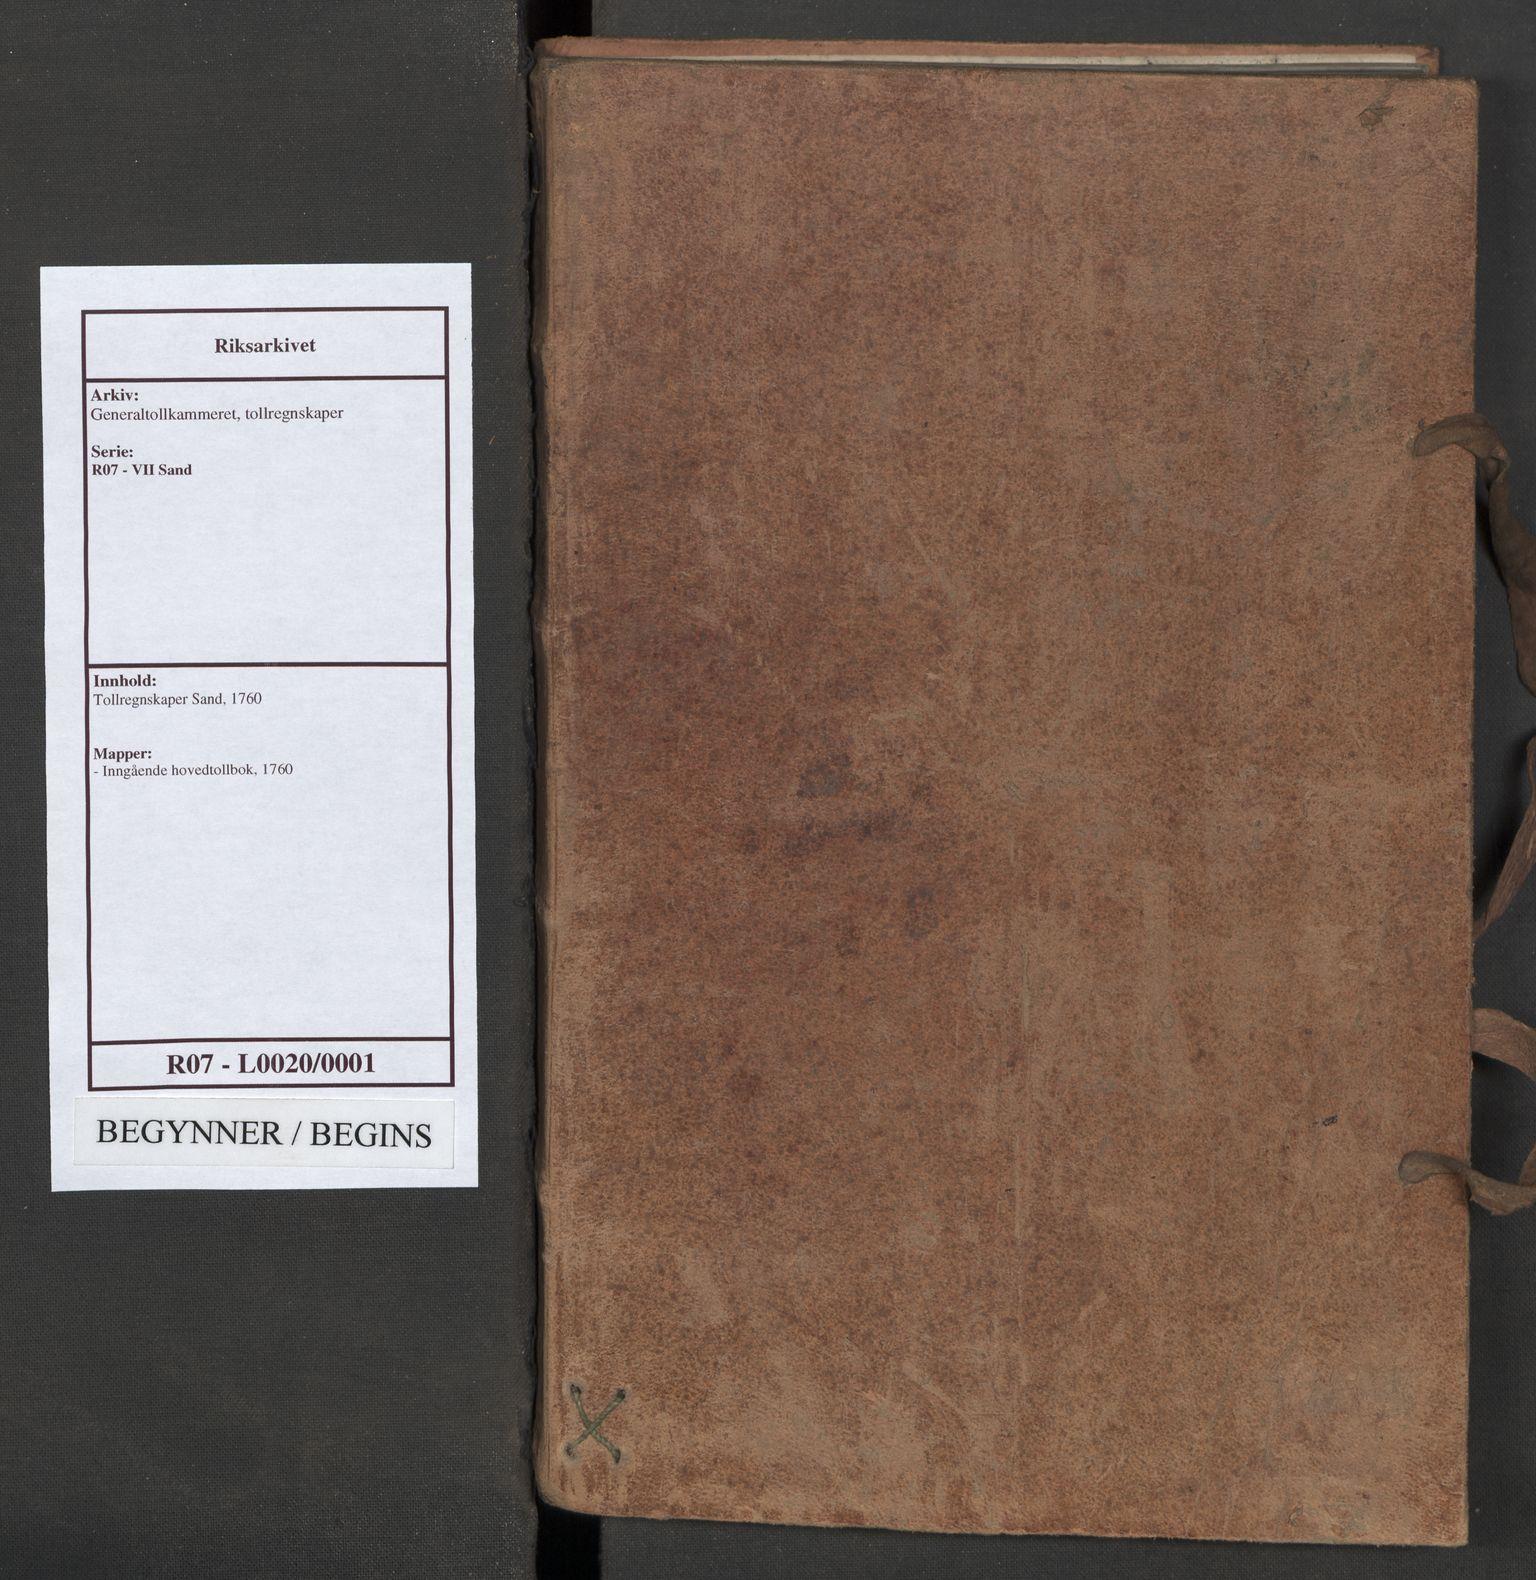 RA, Generaltollkammeret, tollregnskaper, R07/L0020: Tollregnskaper Sand, 1760